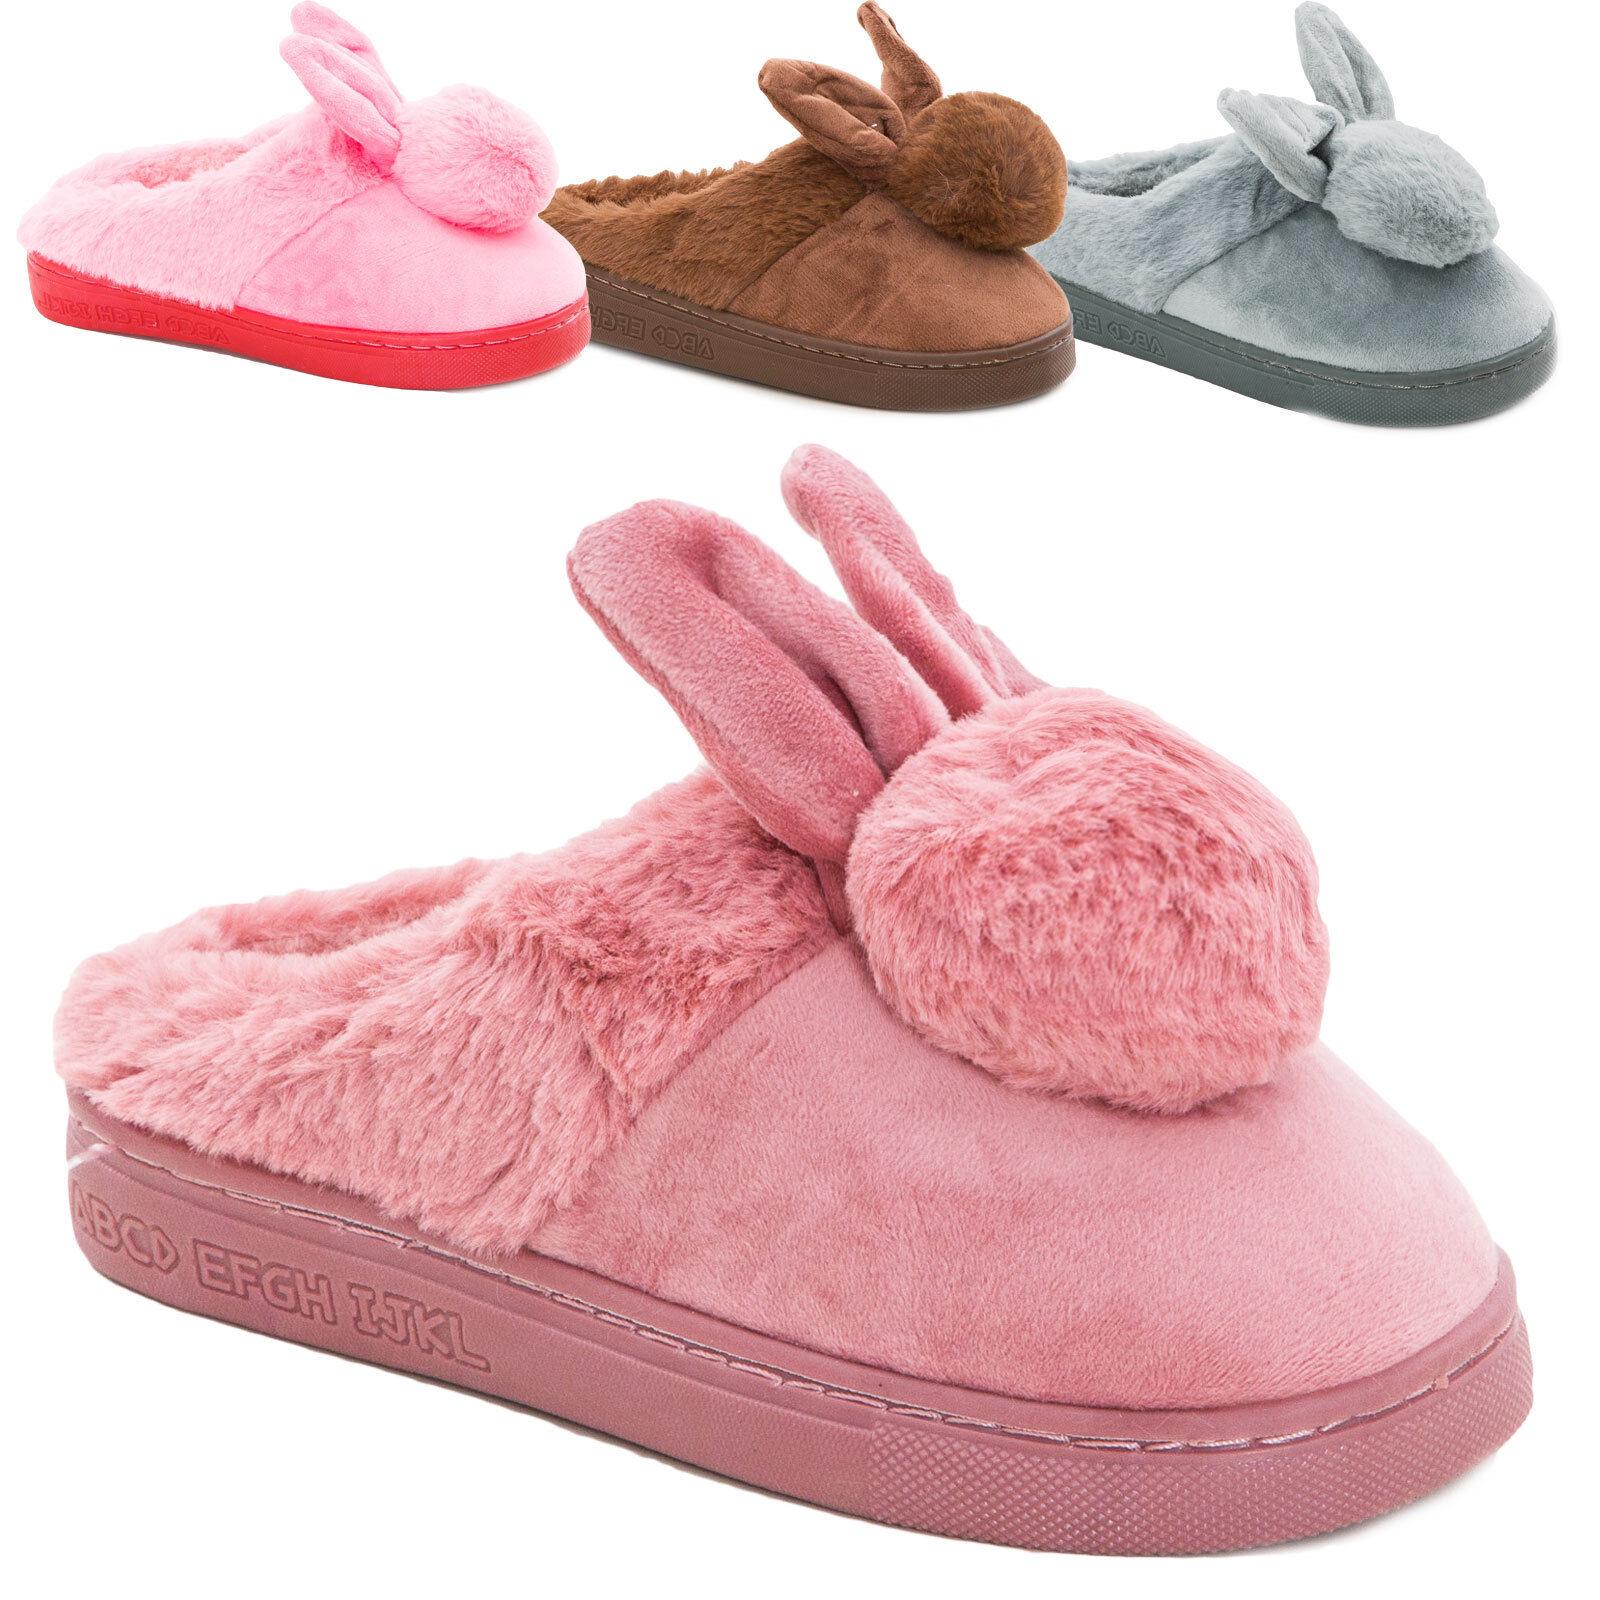 4a935c7c7 Zapatillas niña bebé niño conejo pantuflas botines eco piel XL-1760 ...